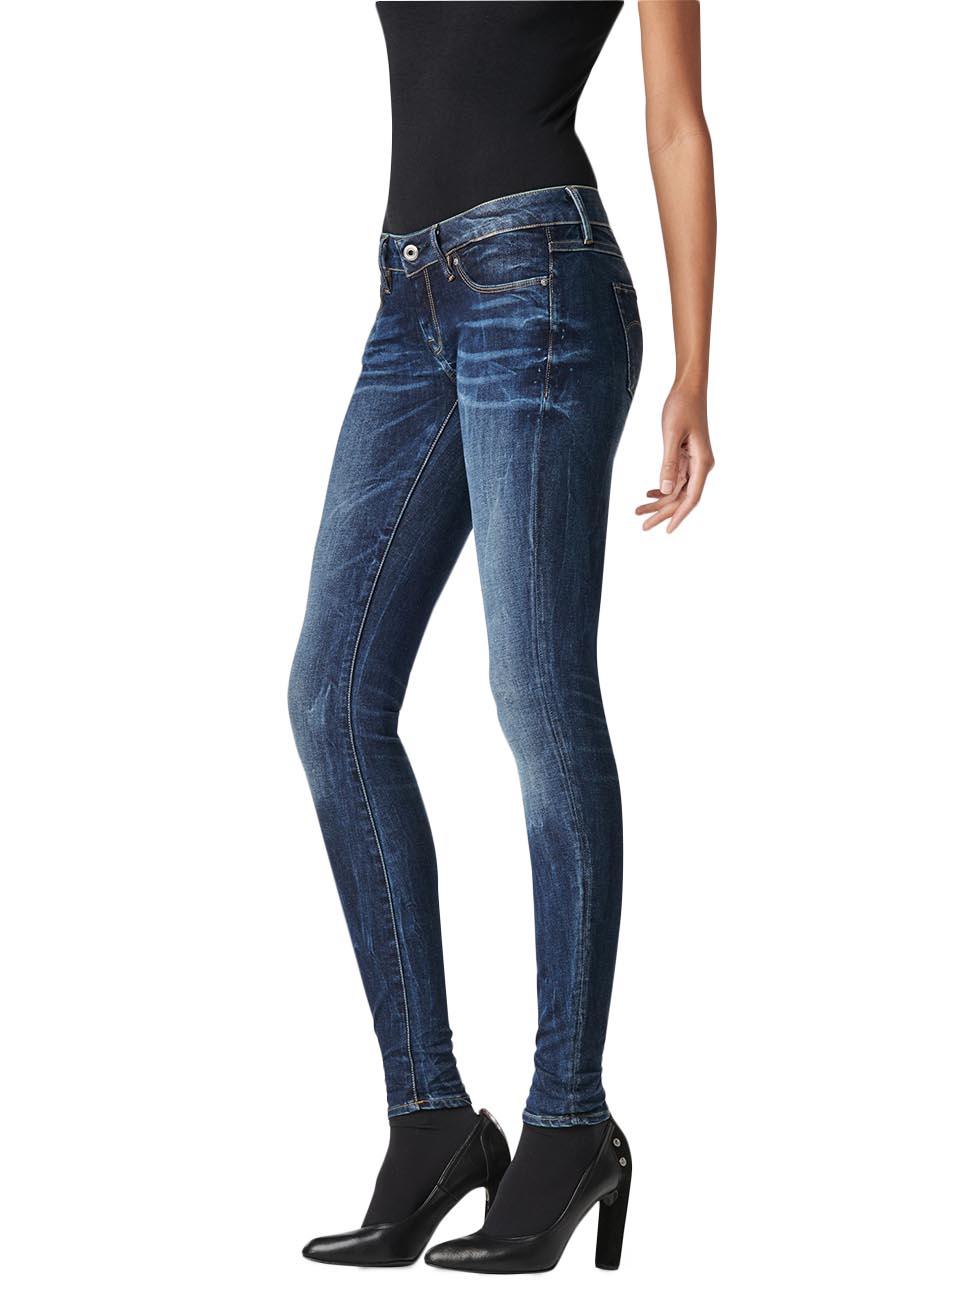 g star damen jeans 3301 low super skinny blau dark aged kaufen jeans direct de. Black Bedroom Furniture Sets. Home Design Ideas